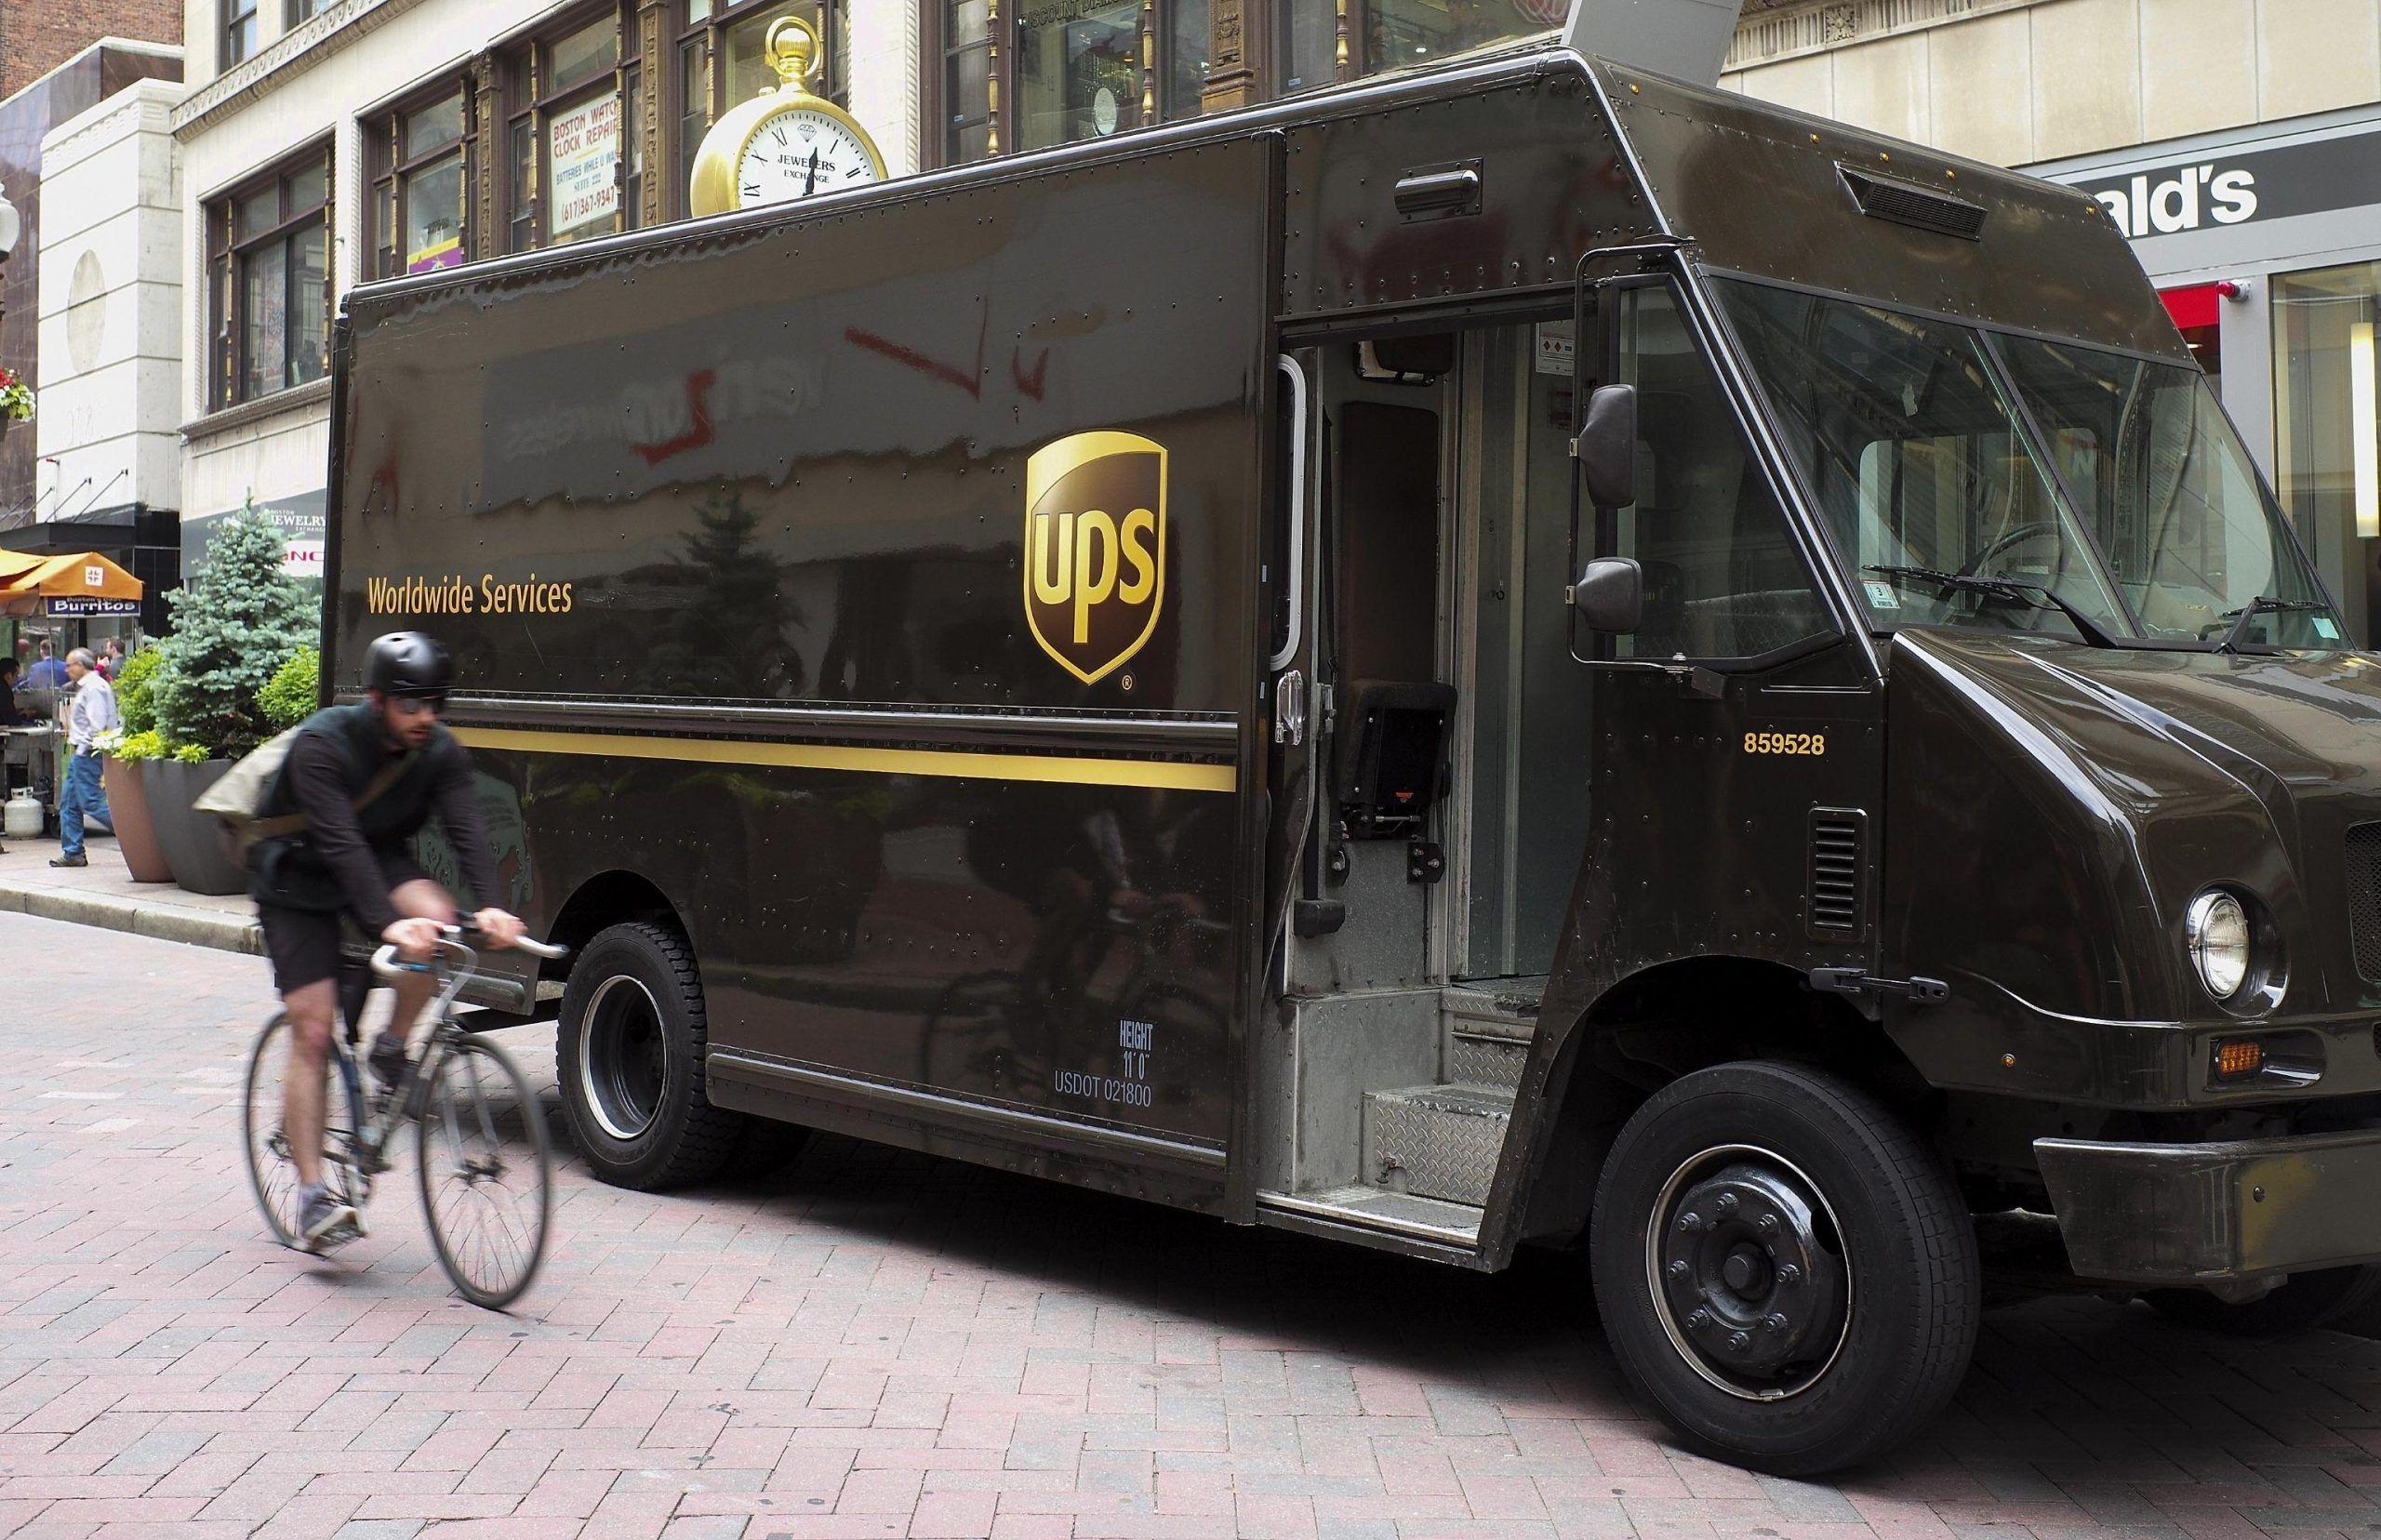 Milano ritrovati teschi umani in un pacco diretto negli Stati Uniti